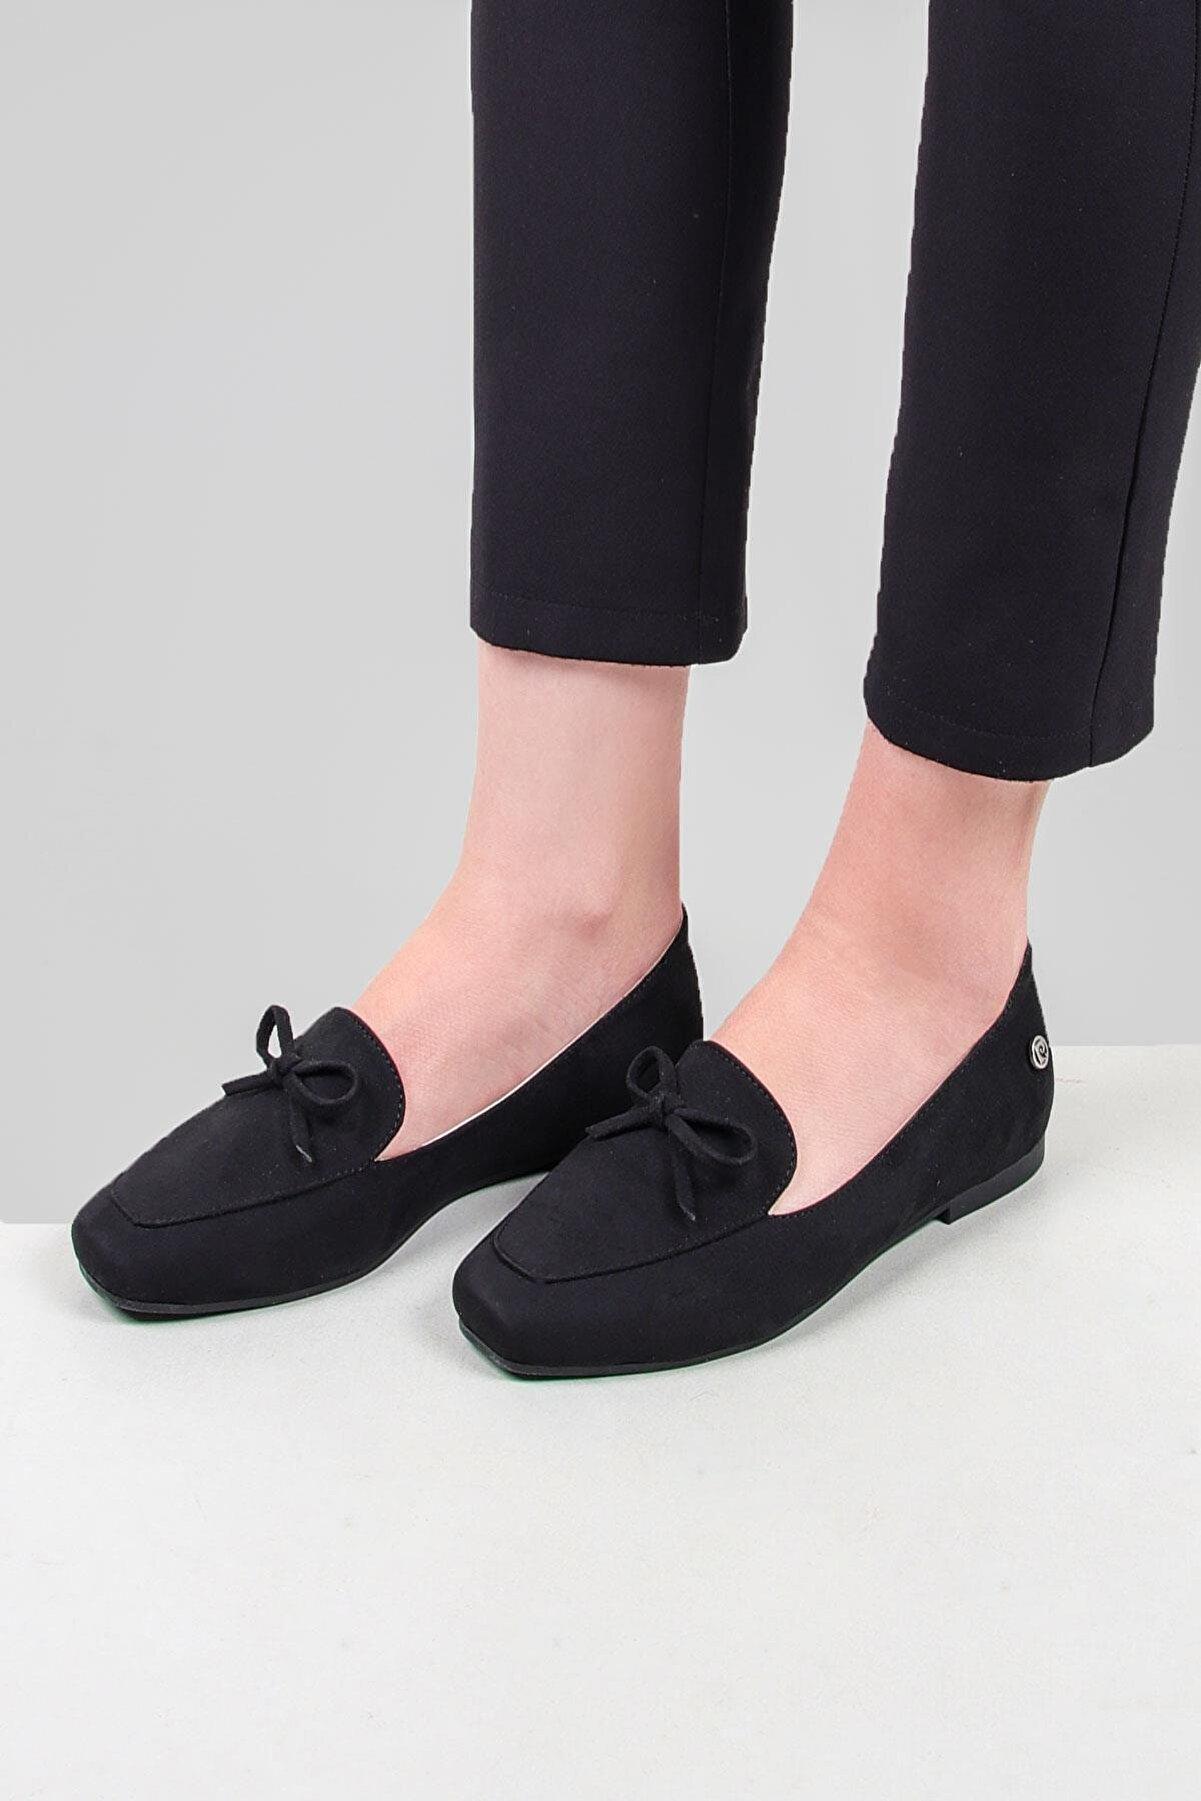 Pierre Cardin Kadın Süet Casual Ayakkabi